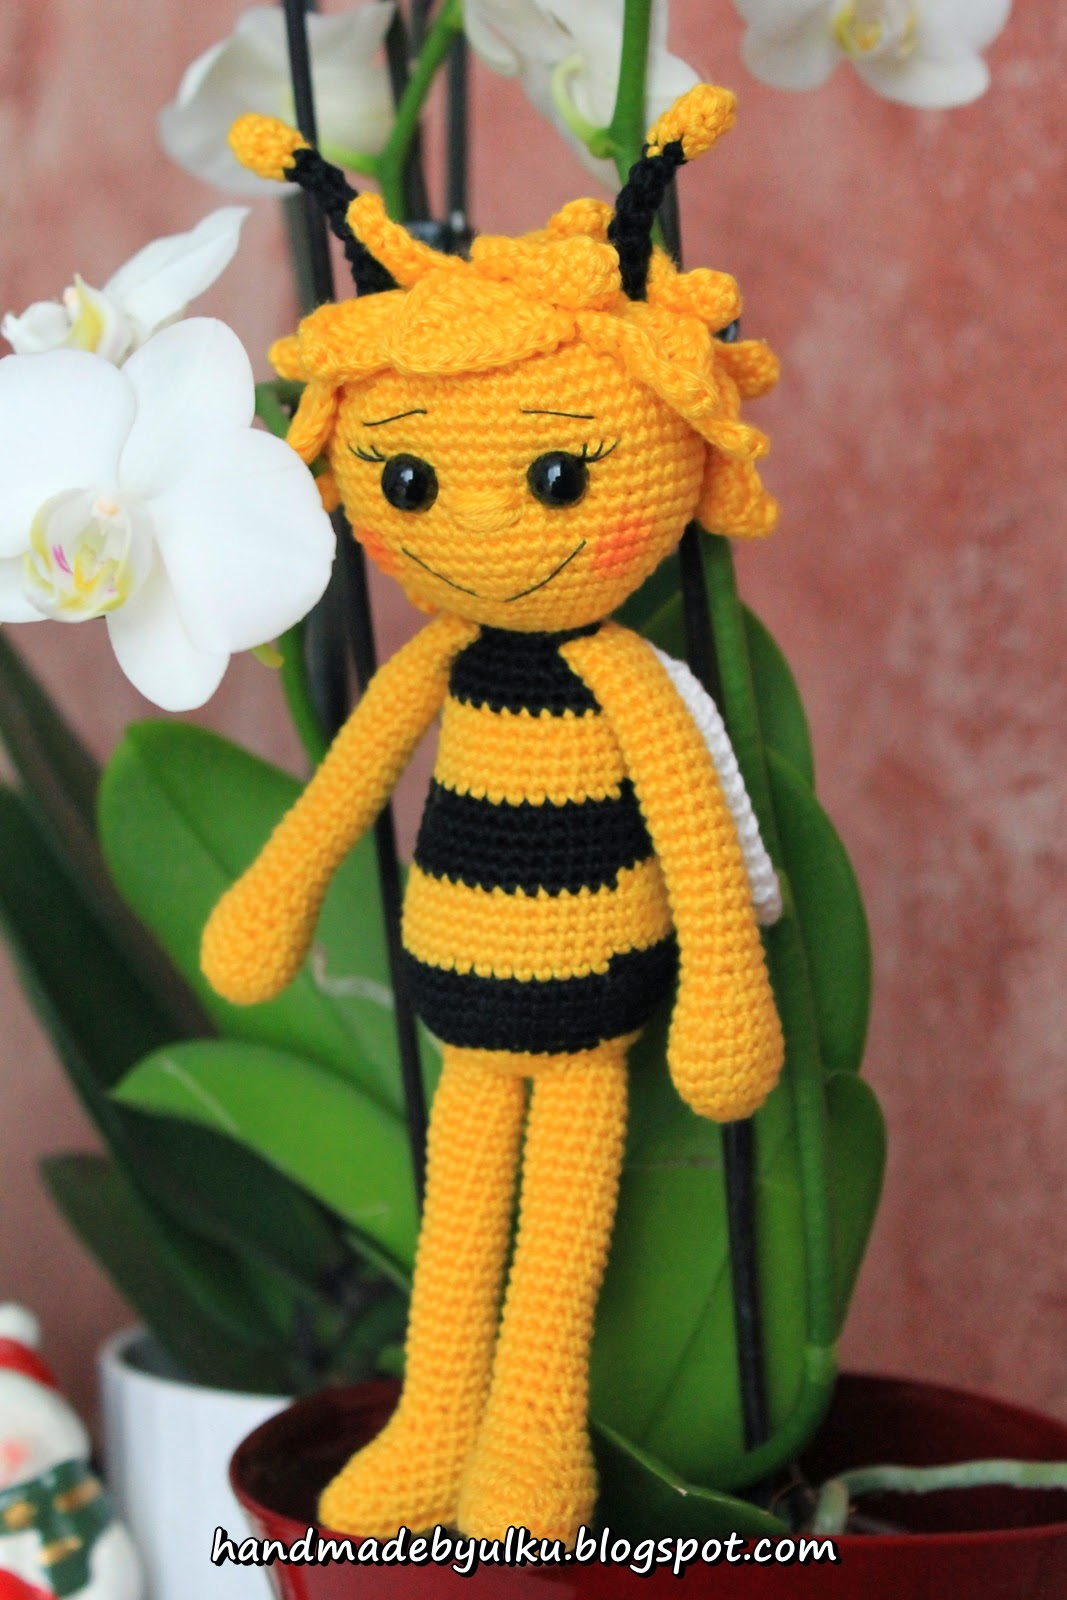 Handmade by ulku: Amigurumi Biene Maja / Maya Bee / Ari Maya